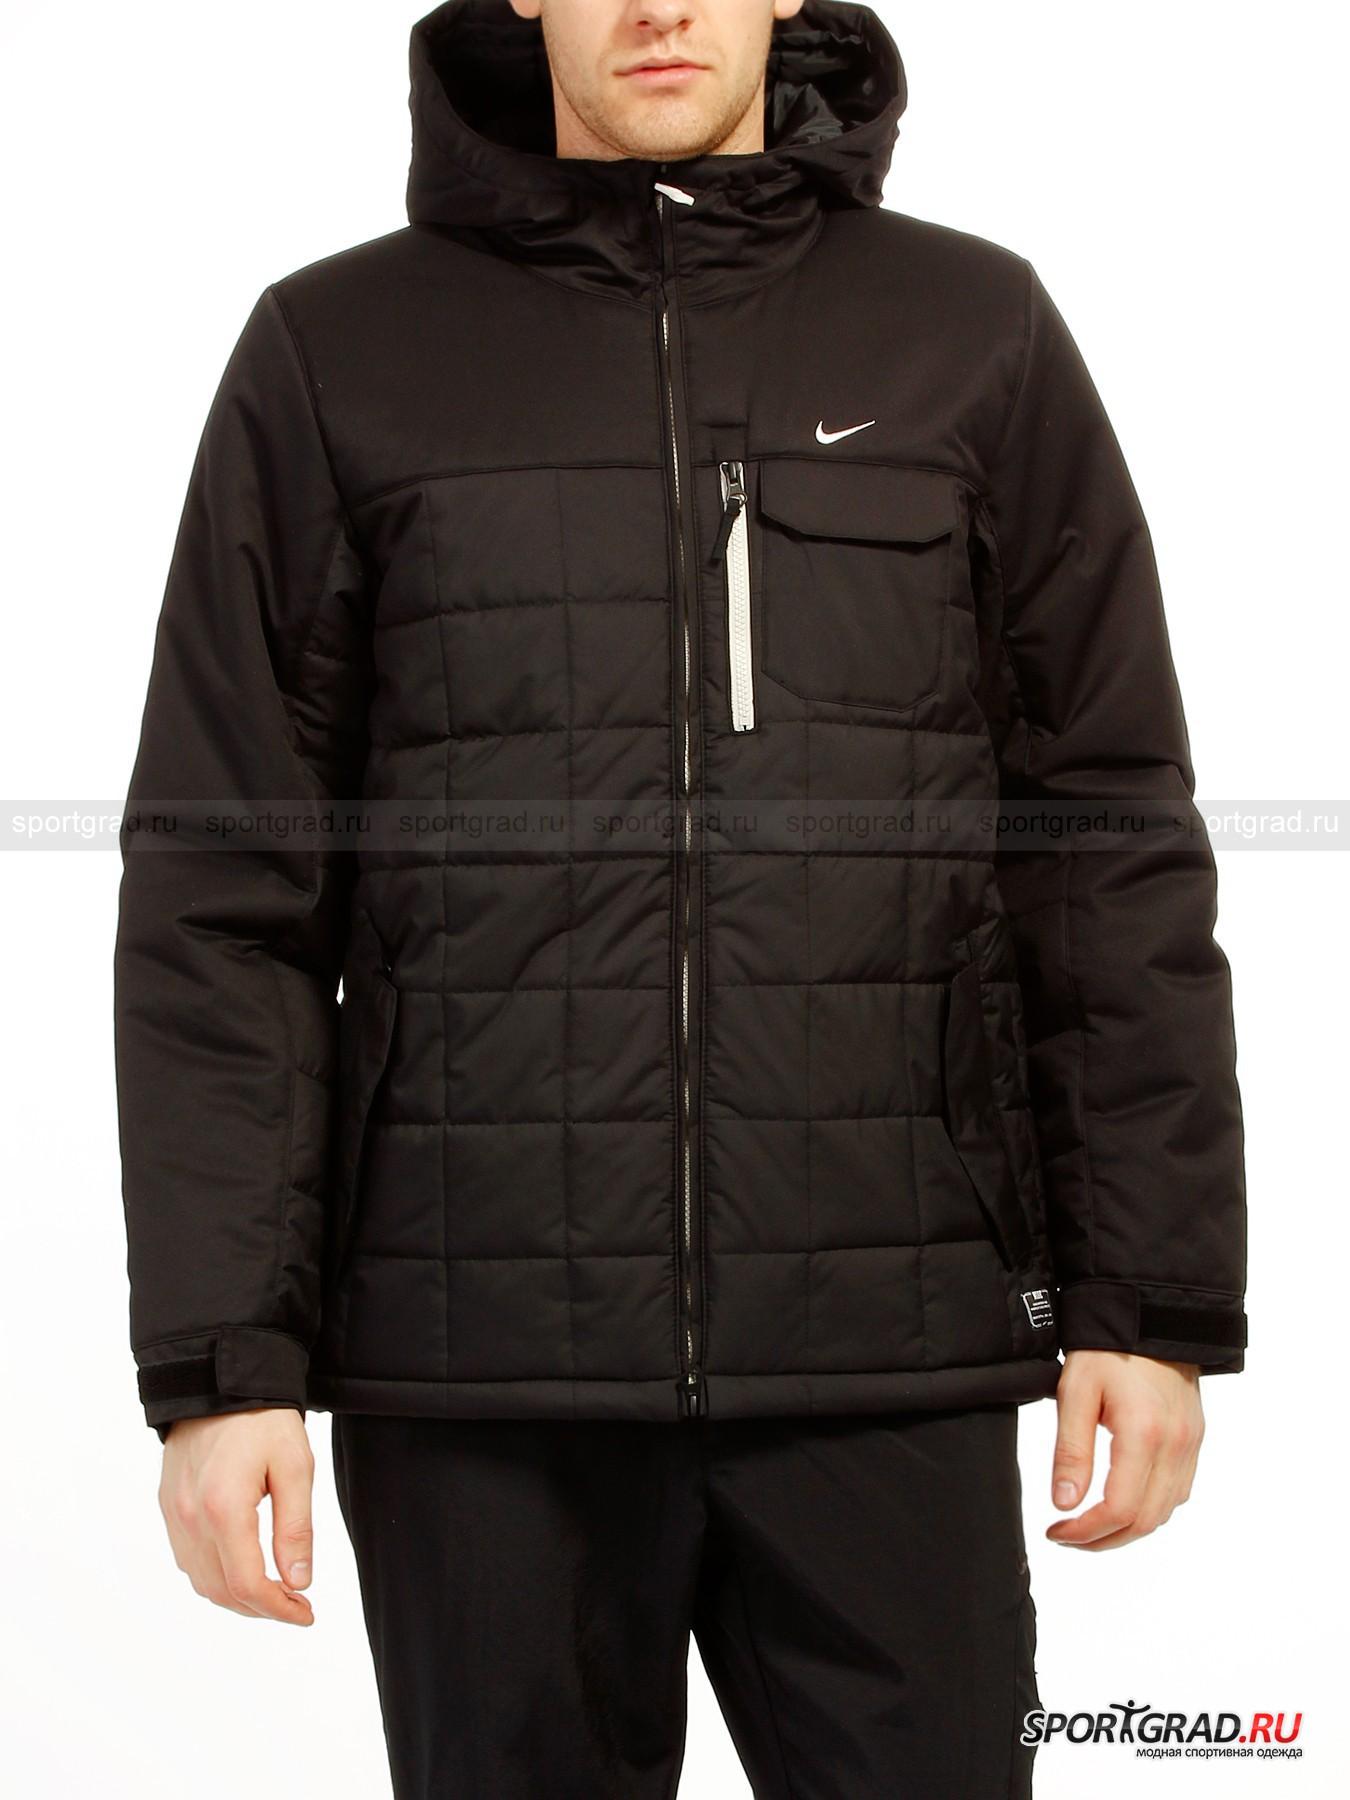 Куртка мужская NIKE EDWARDS JACKET NIKE